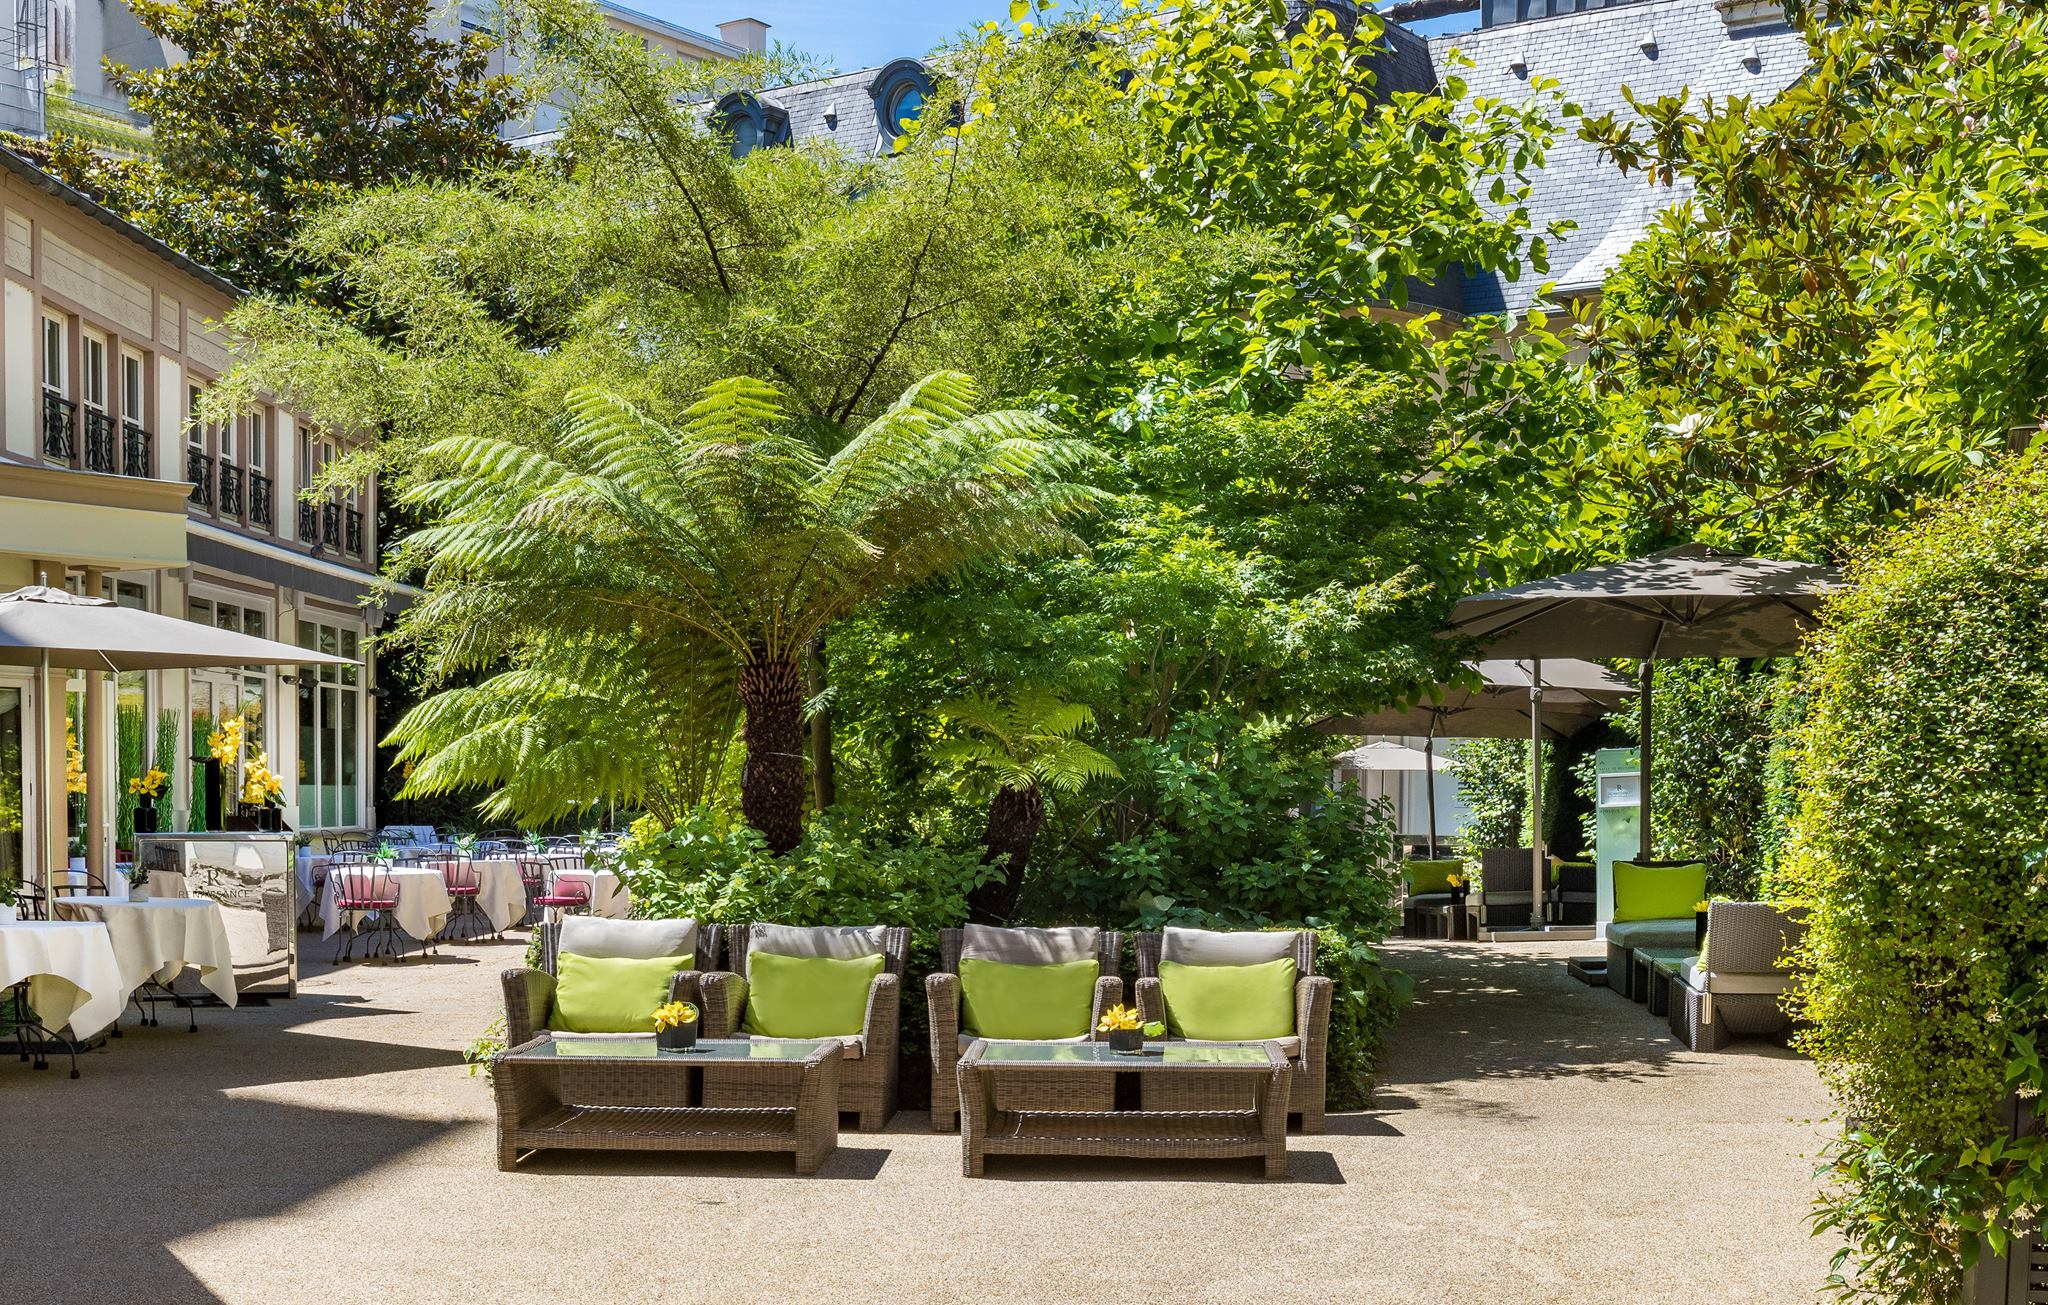 Hotel Renaissance Le Parc Trocadero